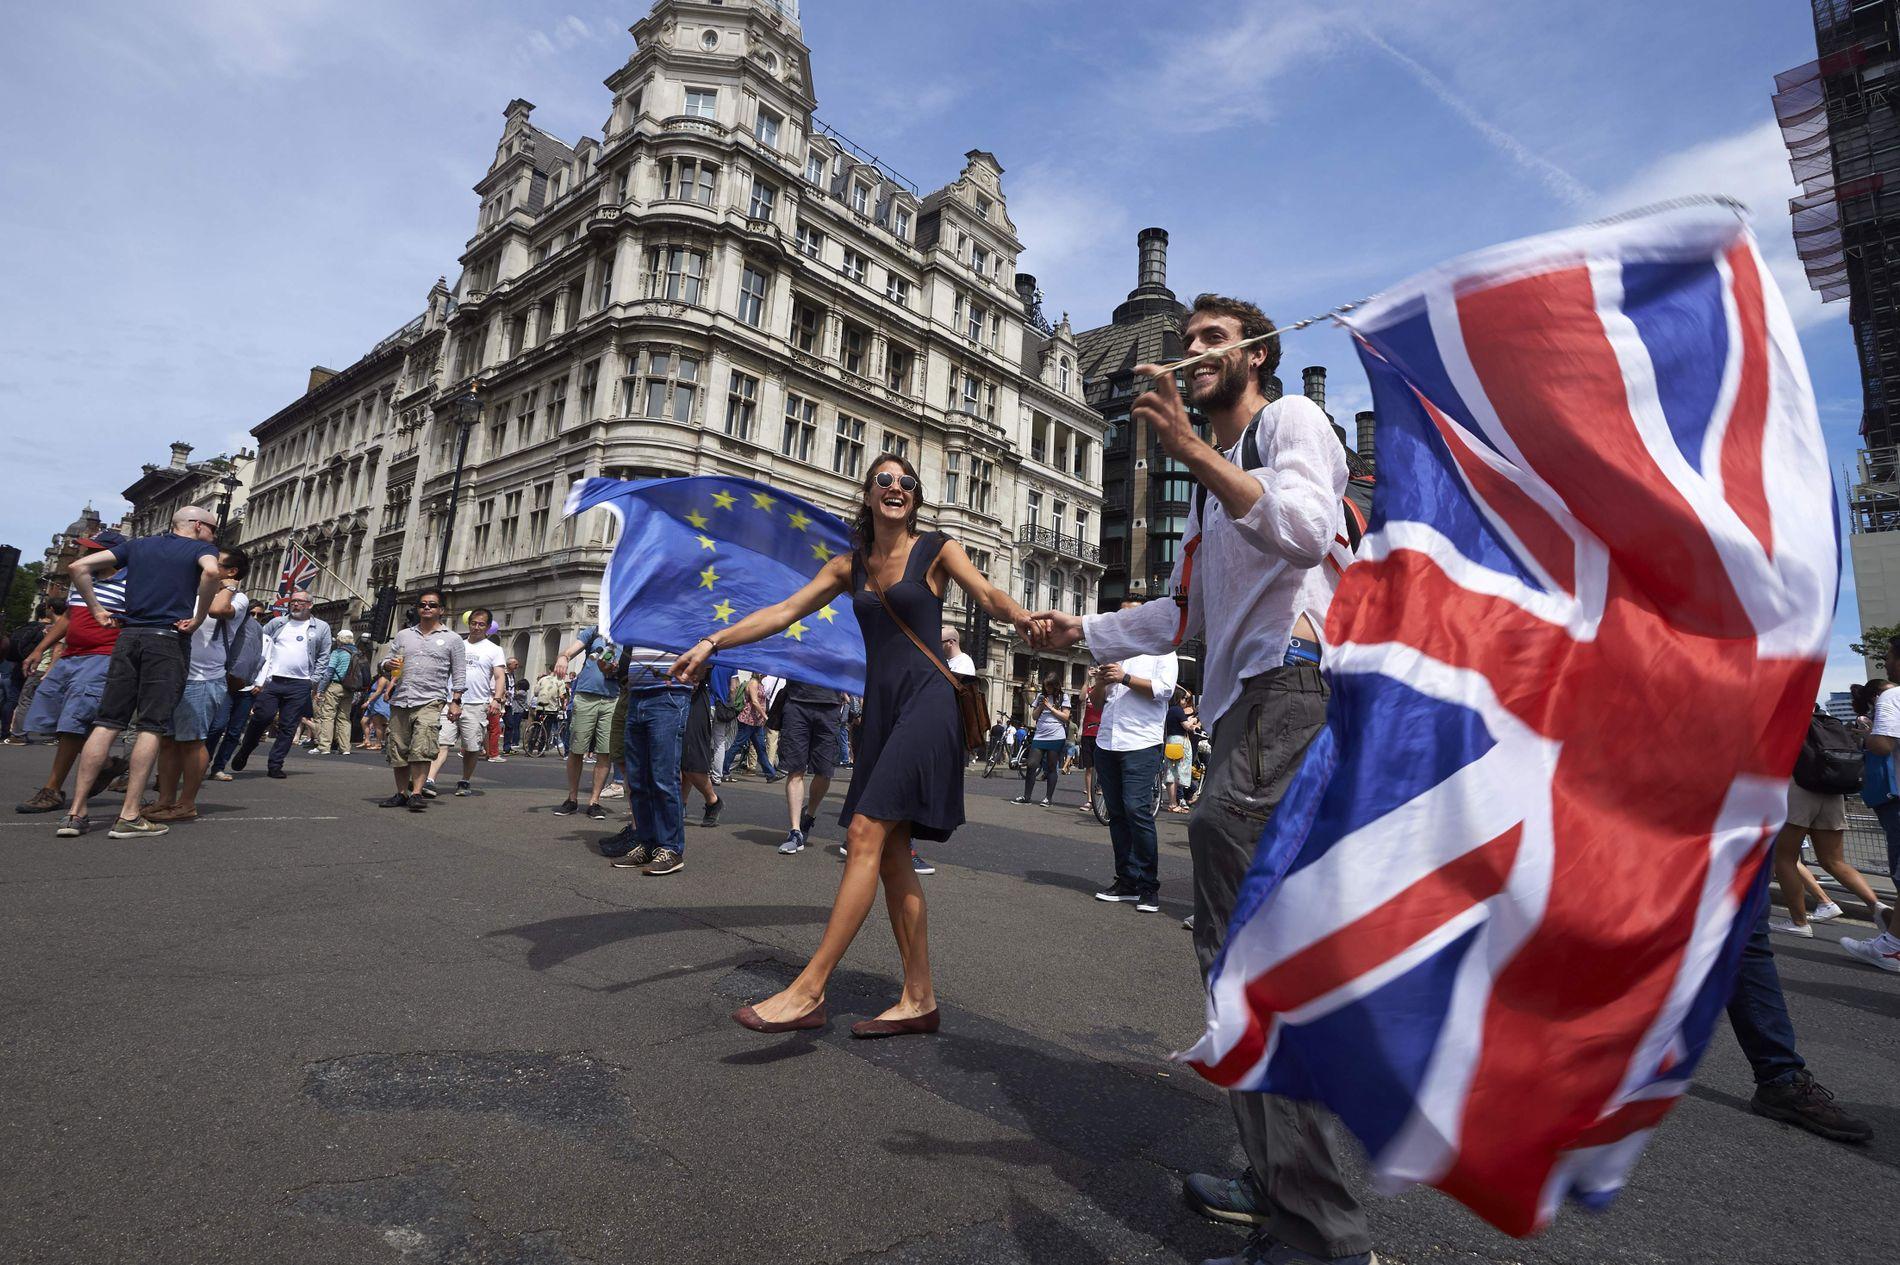 OPINIONSENDRING: I juni deltok 100.000 briter i en demonstrasjon for å avholde en ny brexit-avstemning. Nå er det enda flere som støtter et nyvalg, viser meningsmålinger.